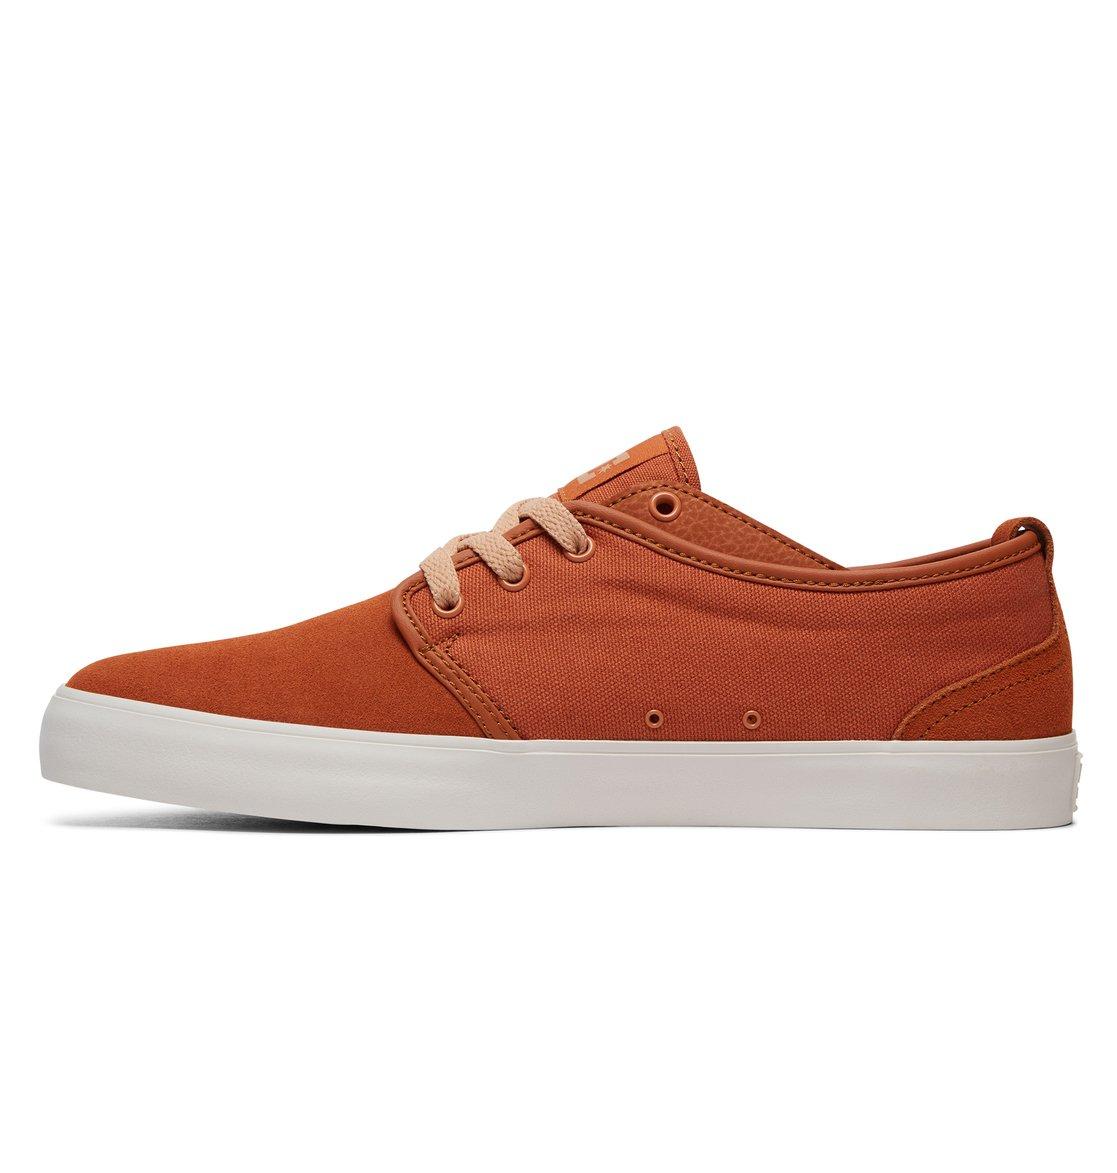 dc shoes Studio 2 LE - Scarpe da Uomo - Red - DC Shoes